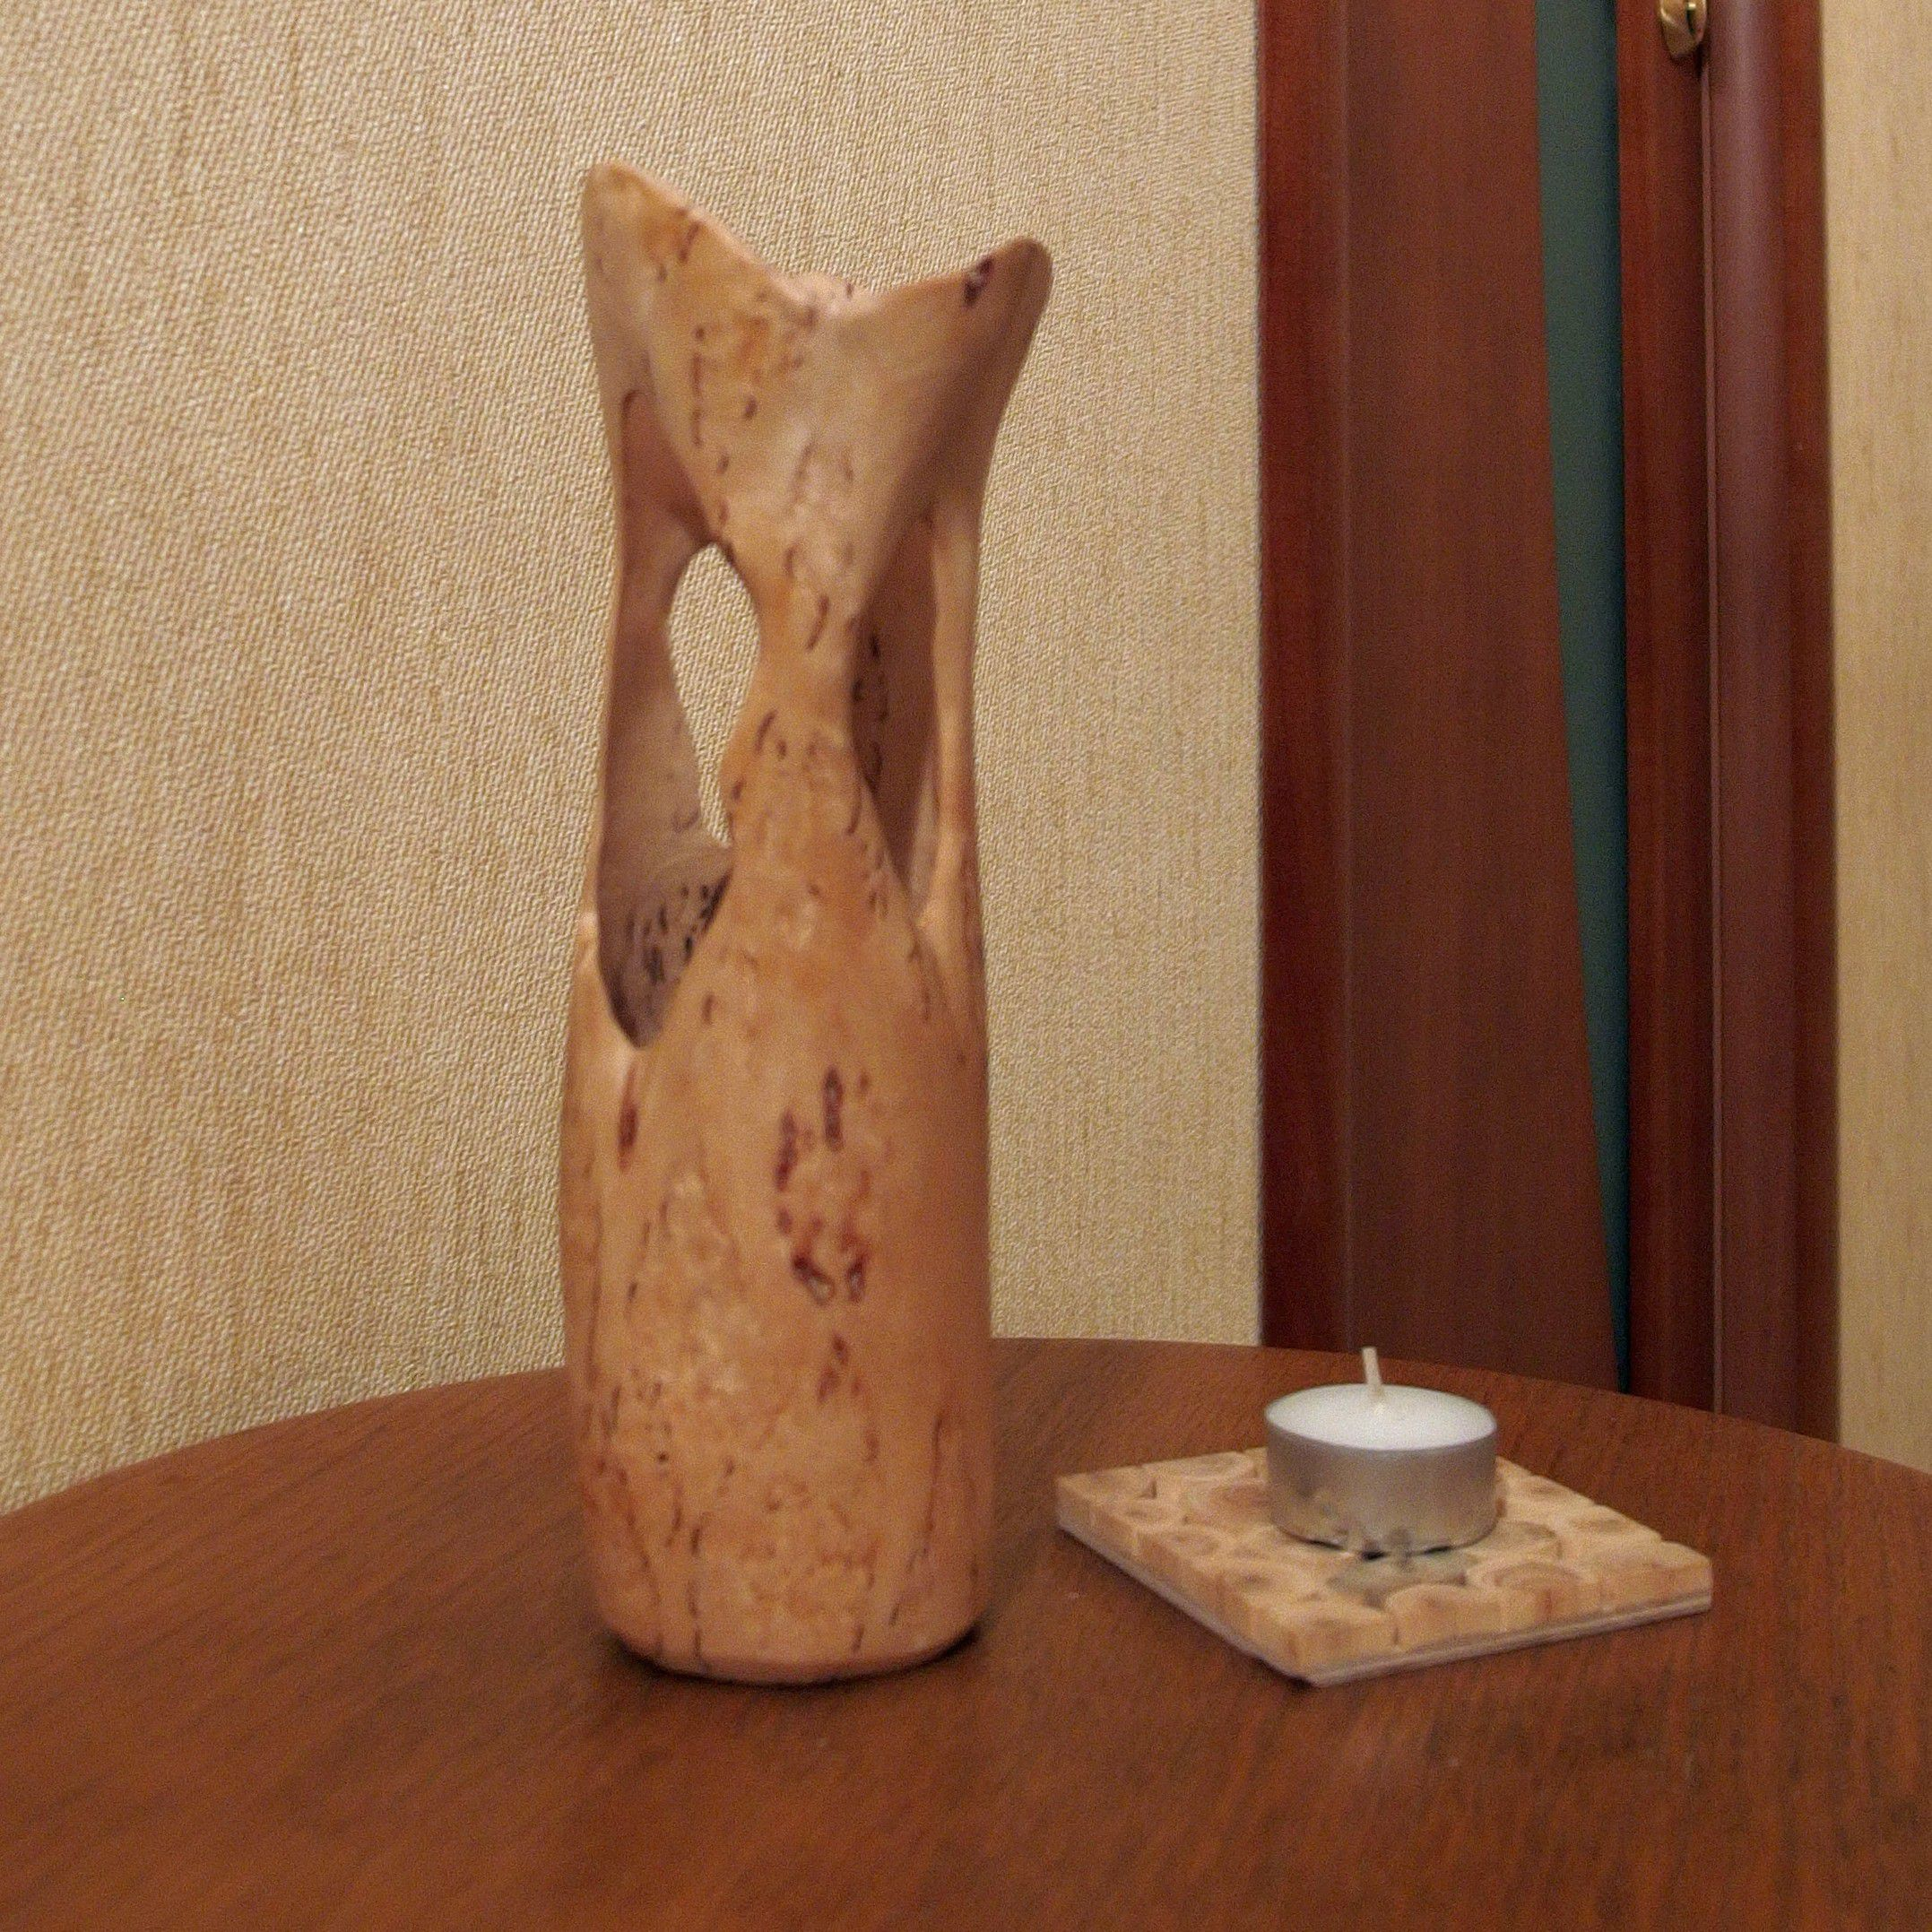 гостиная загородный экология кухня ваза интерьер уют прихожая дом